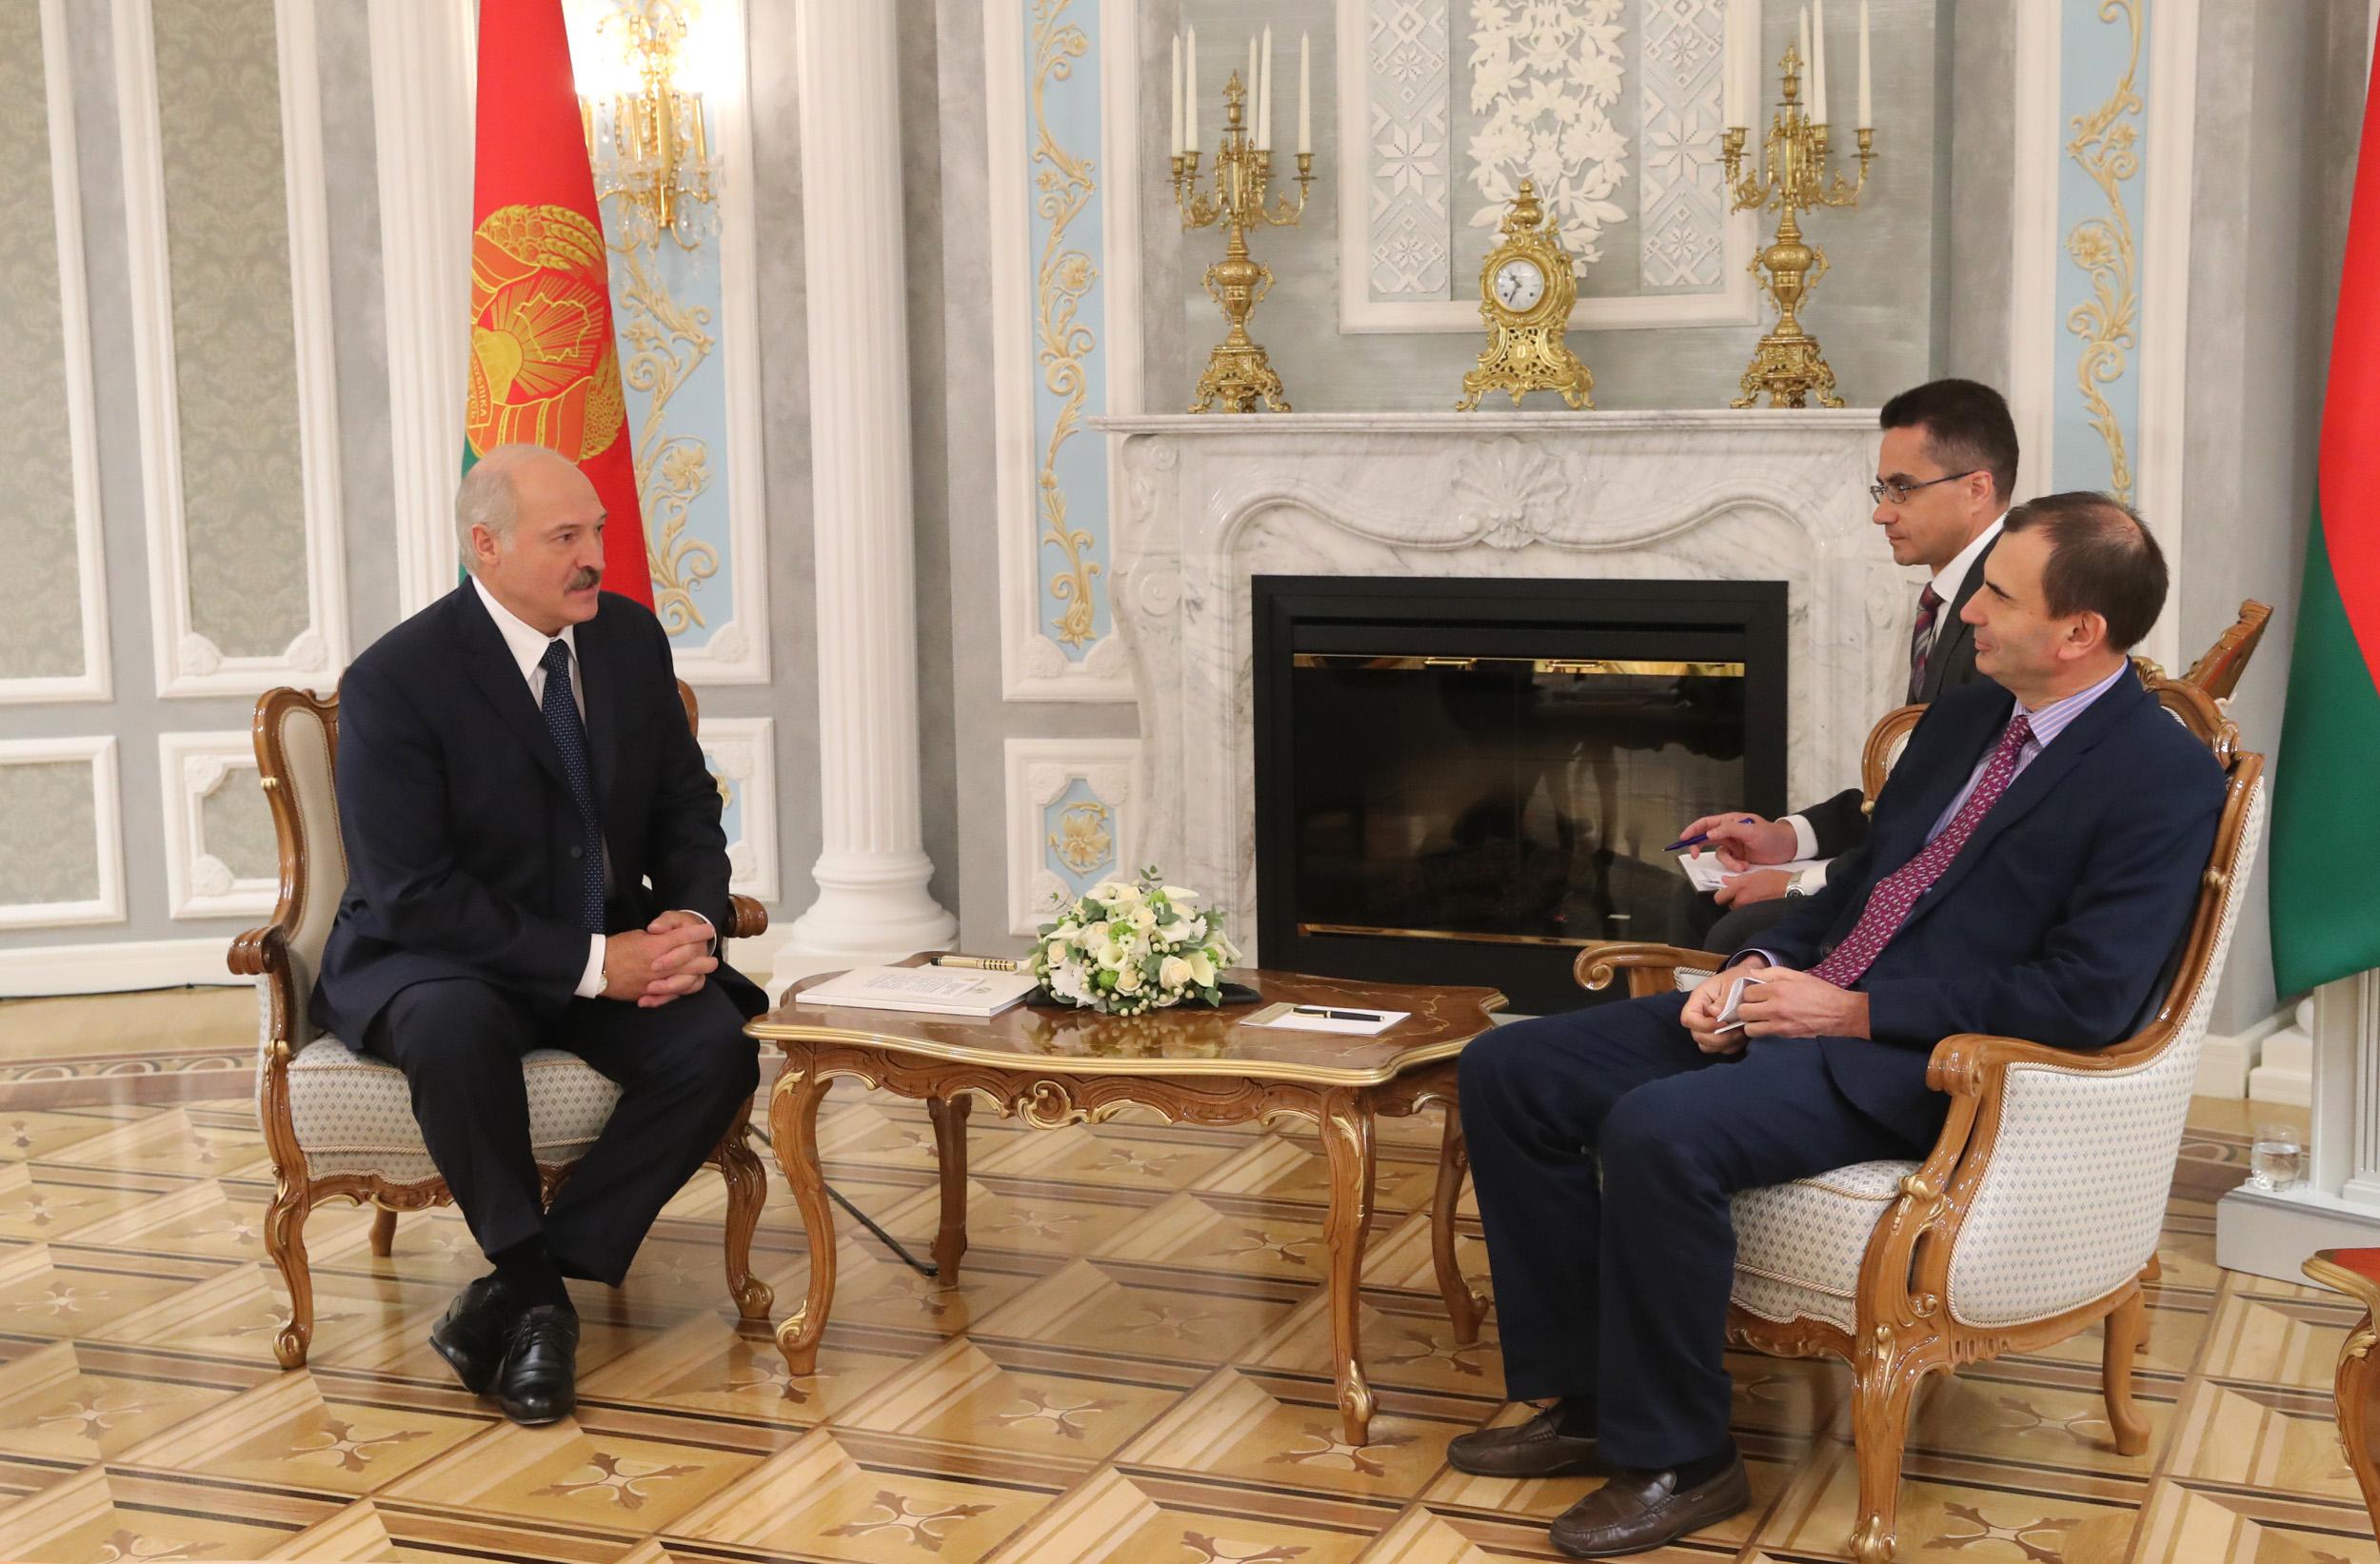 Александр Лукашенко: мы не против приватизации, но она не должна быть обвальной или шоковой